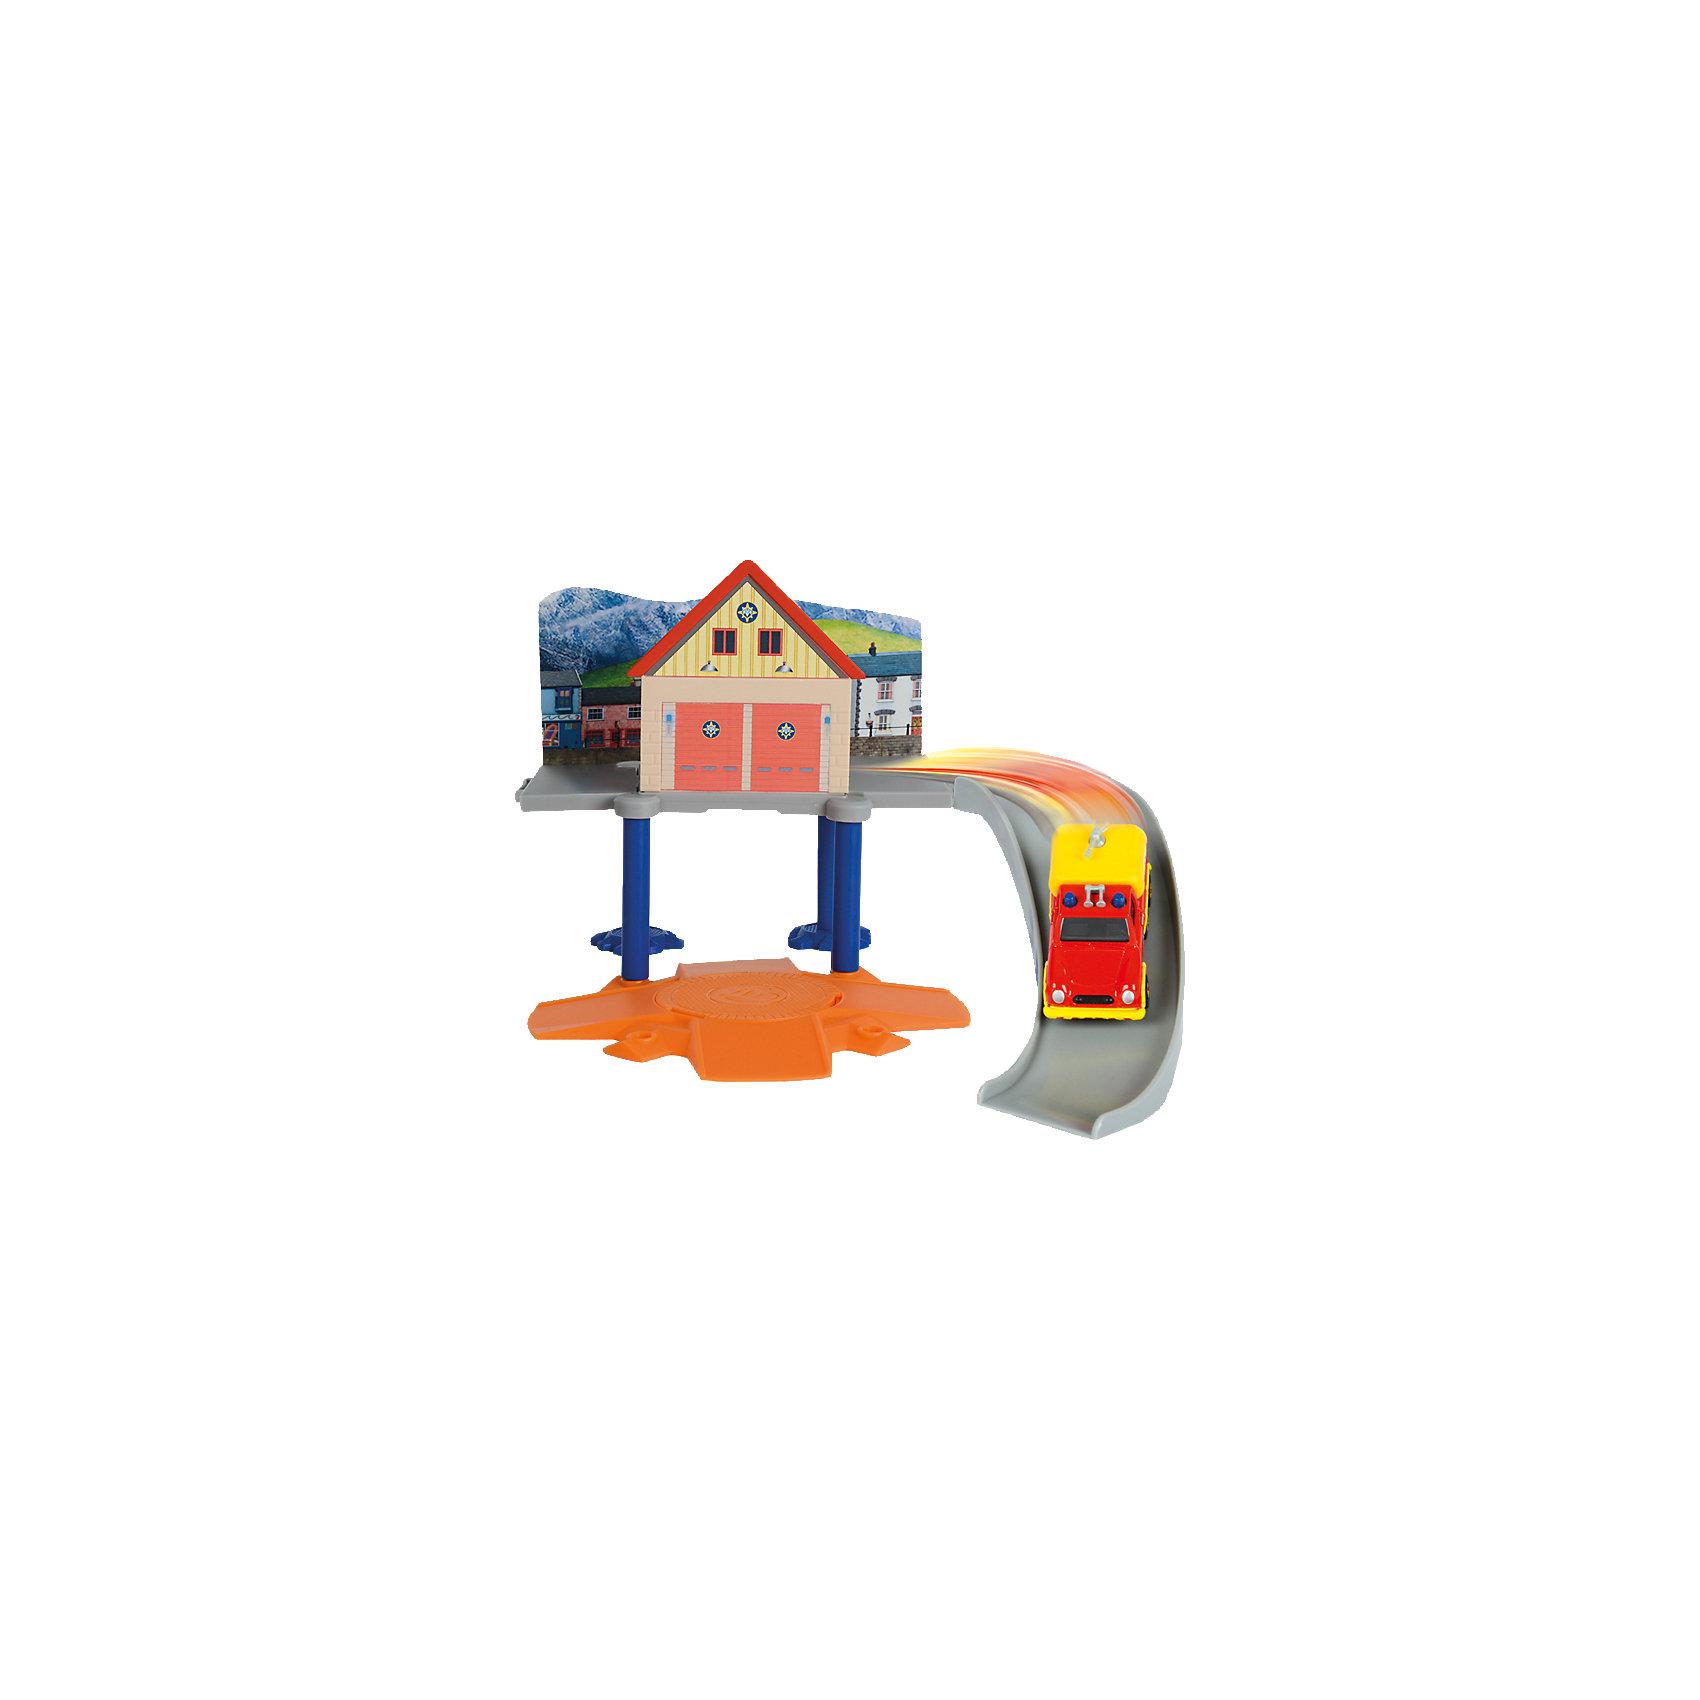 - Пожарный гараж с машинкой, Пожарный Сэм, Dickie купить гараж в москве путевой проезд